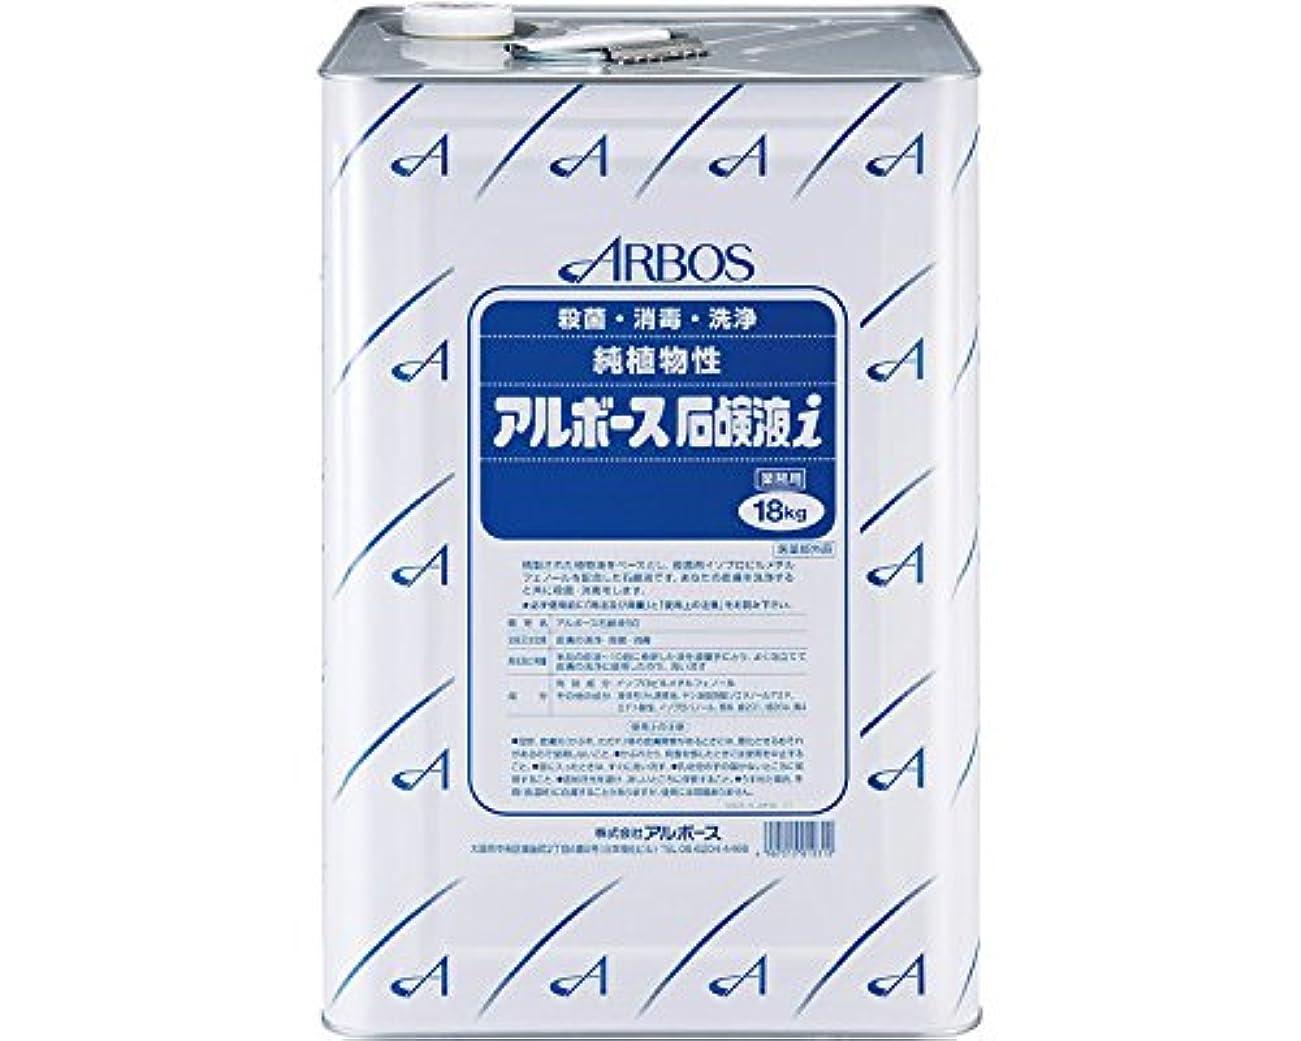 ジレンマ卑しい十億アルボース石鹸液i 18kg (アルボース)